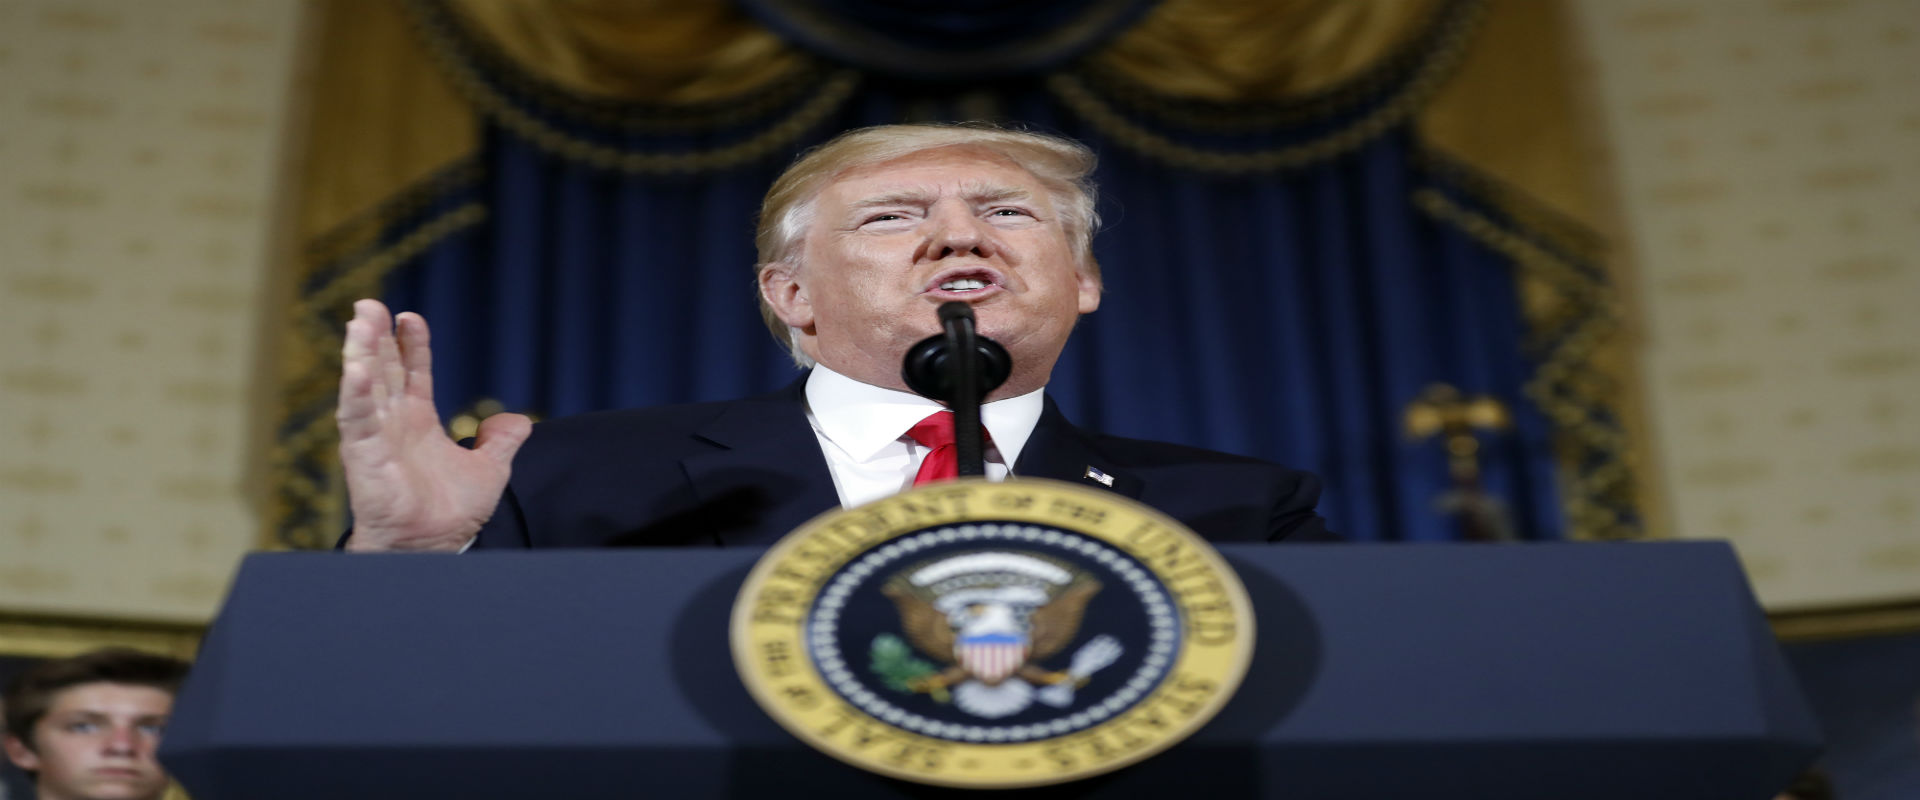 נשיא ארצות הברית דונלד טראמפ בנאום בבית הלבן, השבו